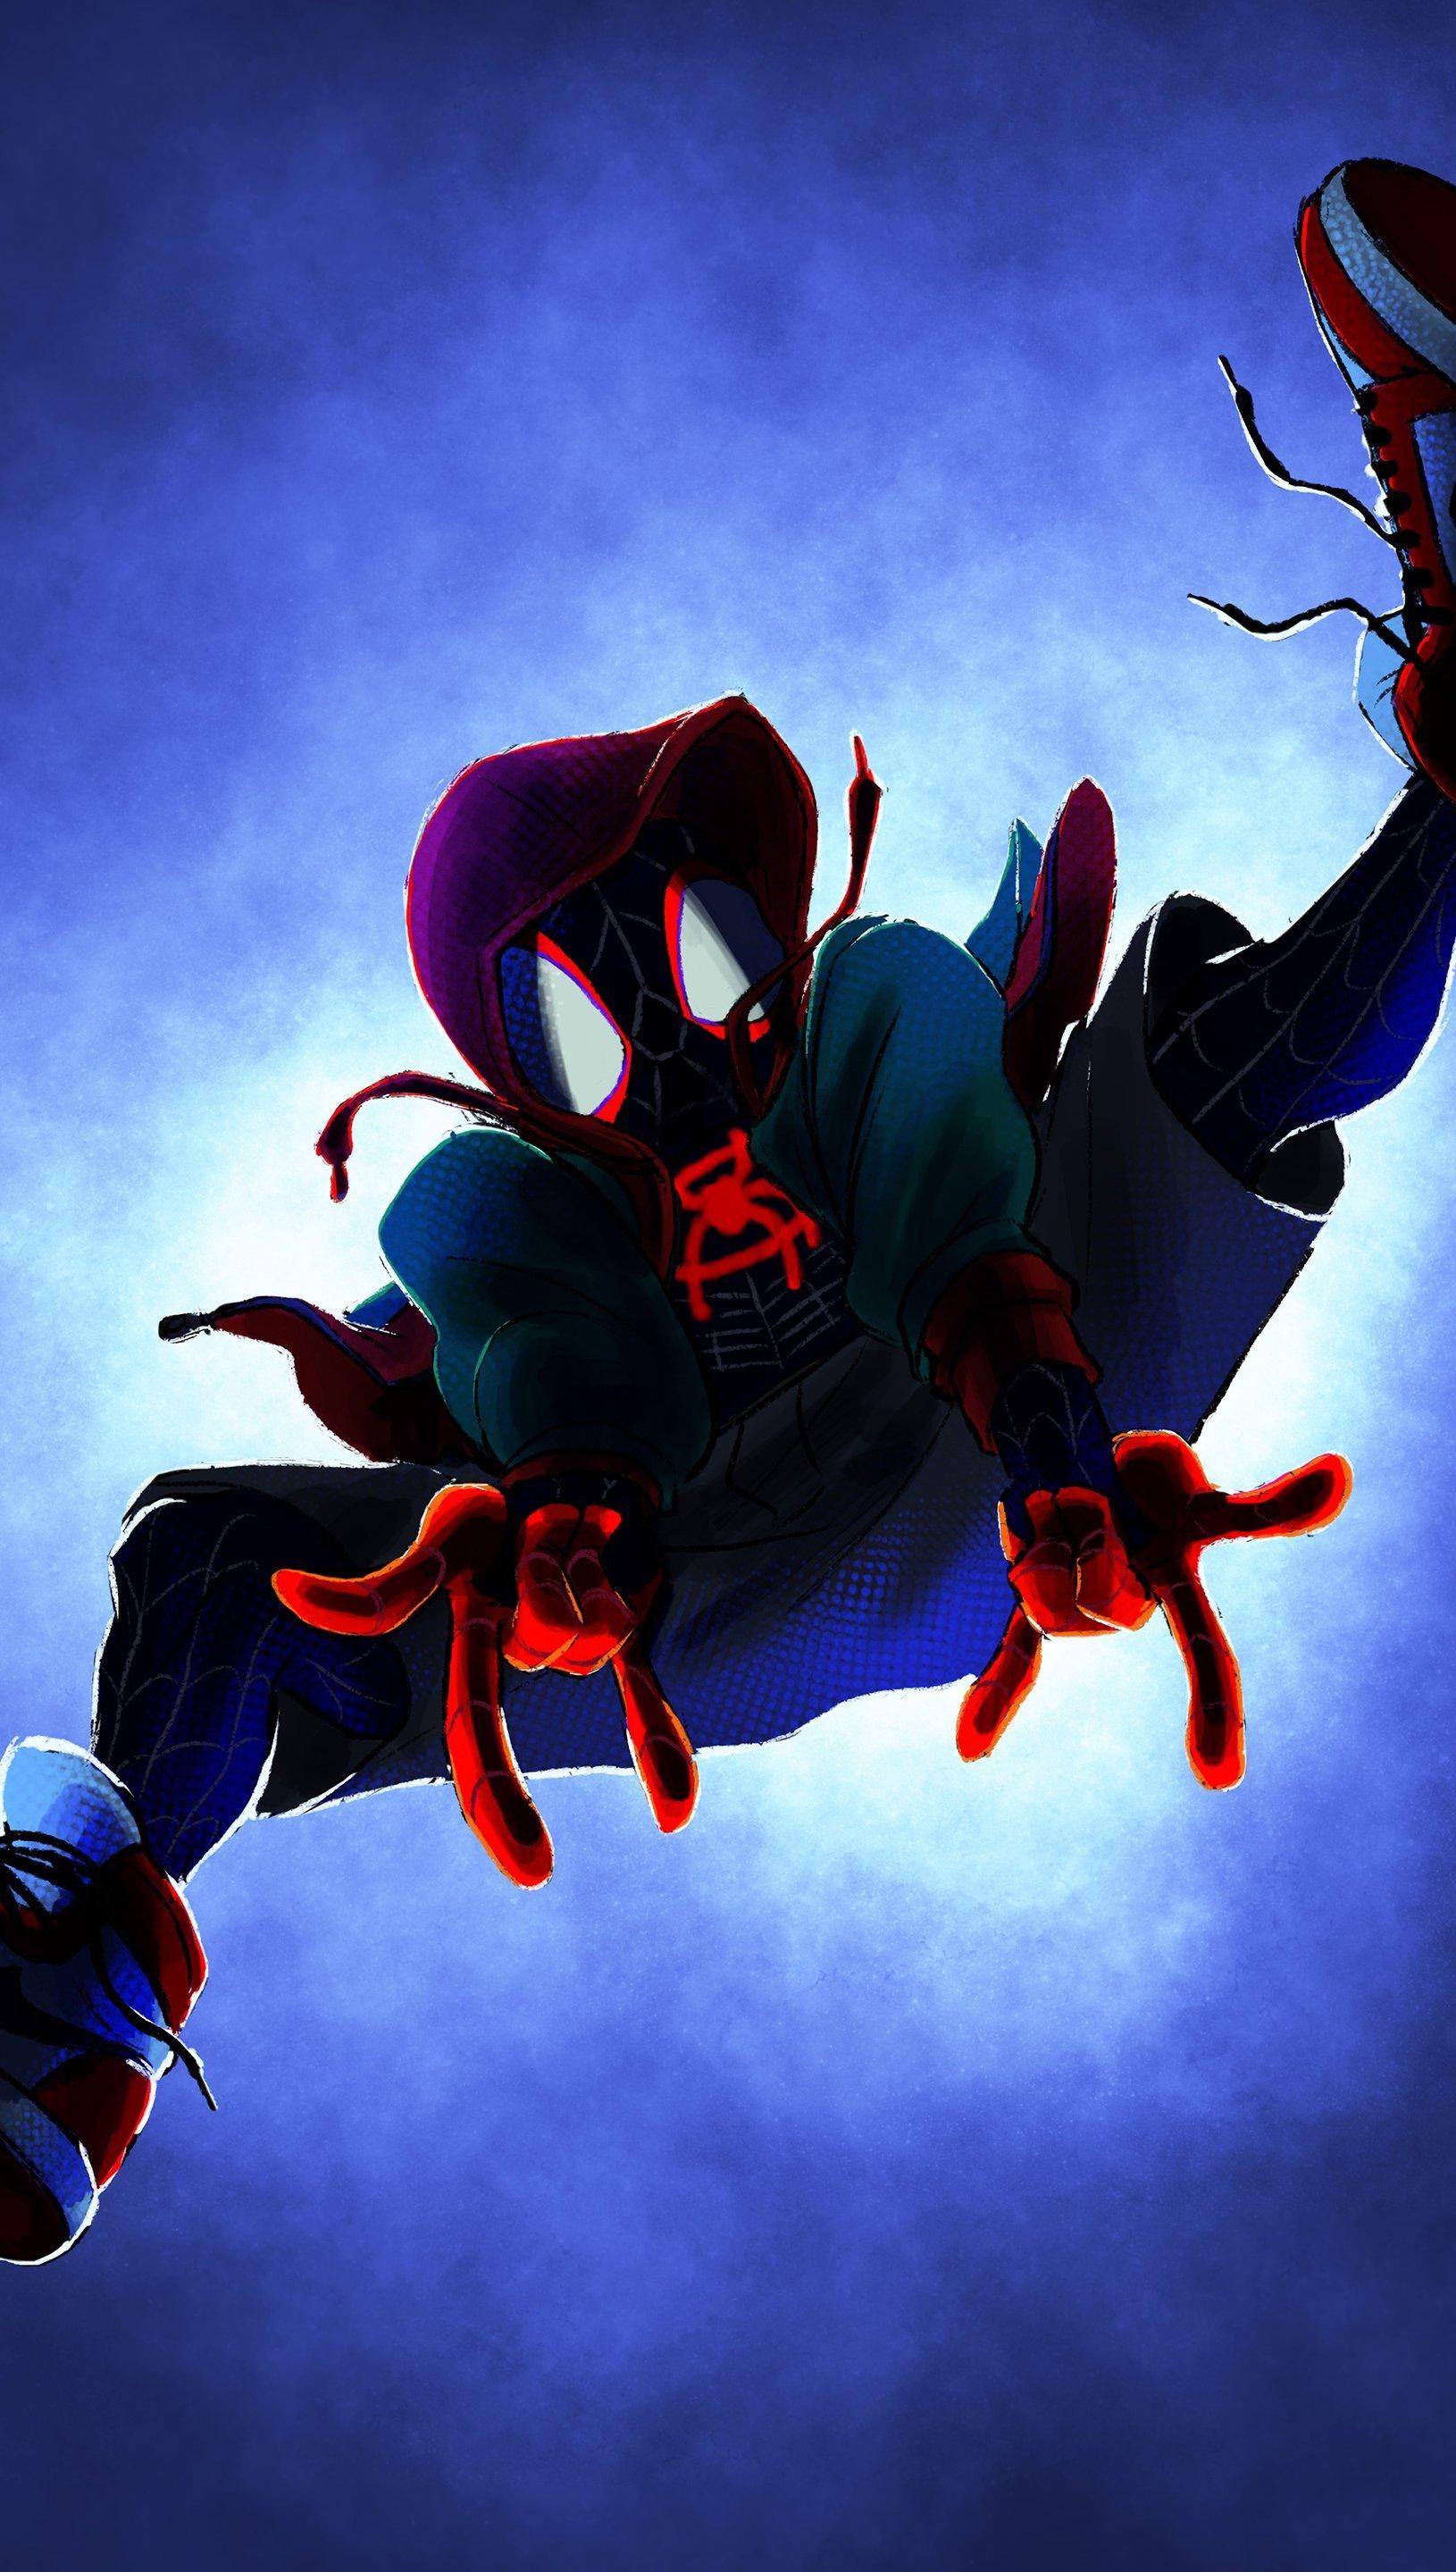 Fondos de pantalla Miles Morales en Spider-Man Un nuevo universo Vertical